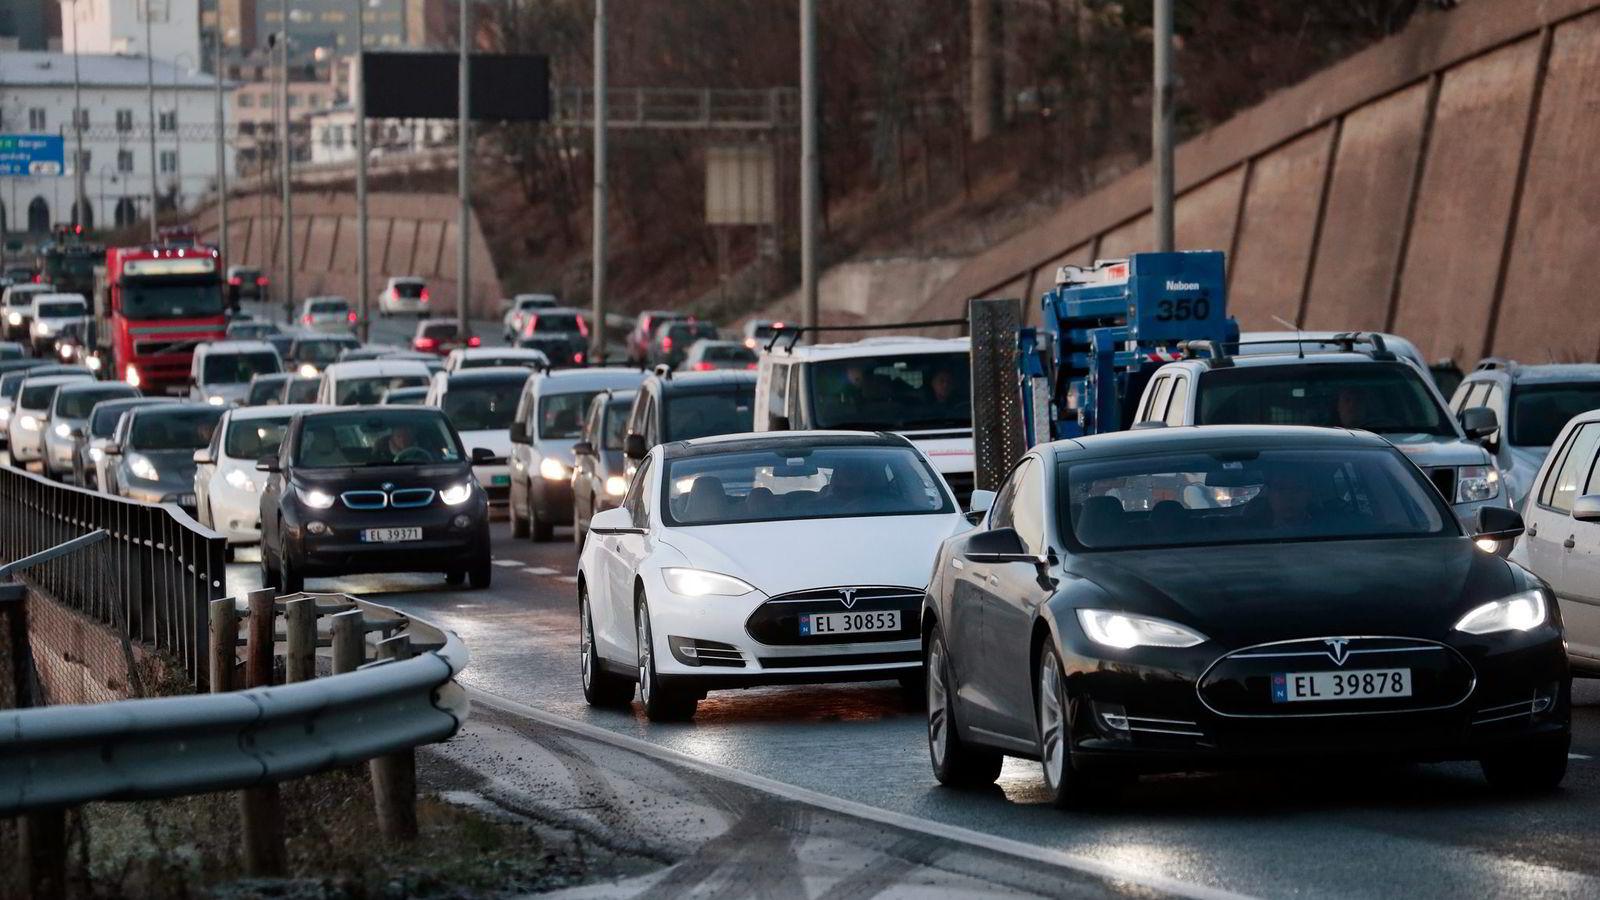 Elbilene er effektivitetsvinnerne på veien. I en bensin- eller dieselbil går mer enn 75 prosent av energien på tanken til spille, i form av varme i eksos og kjølevann, skriver artikkelforfatterne. Foto: Lise Åserud,